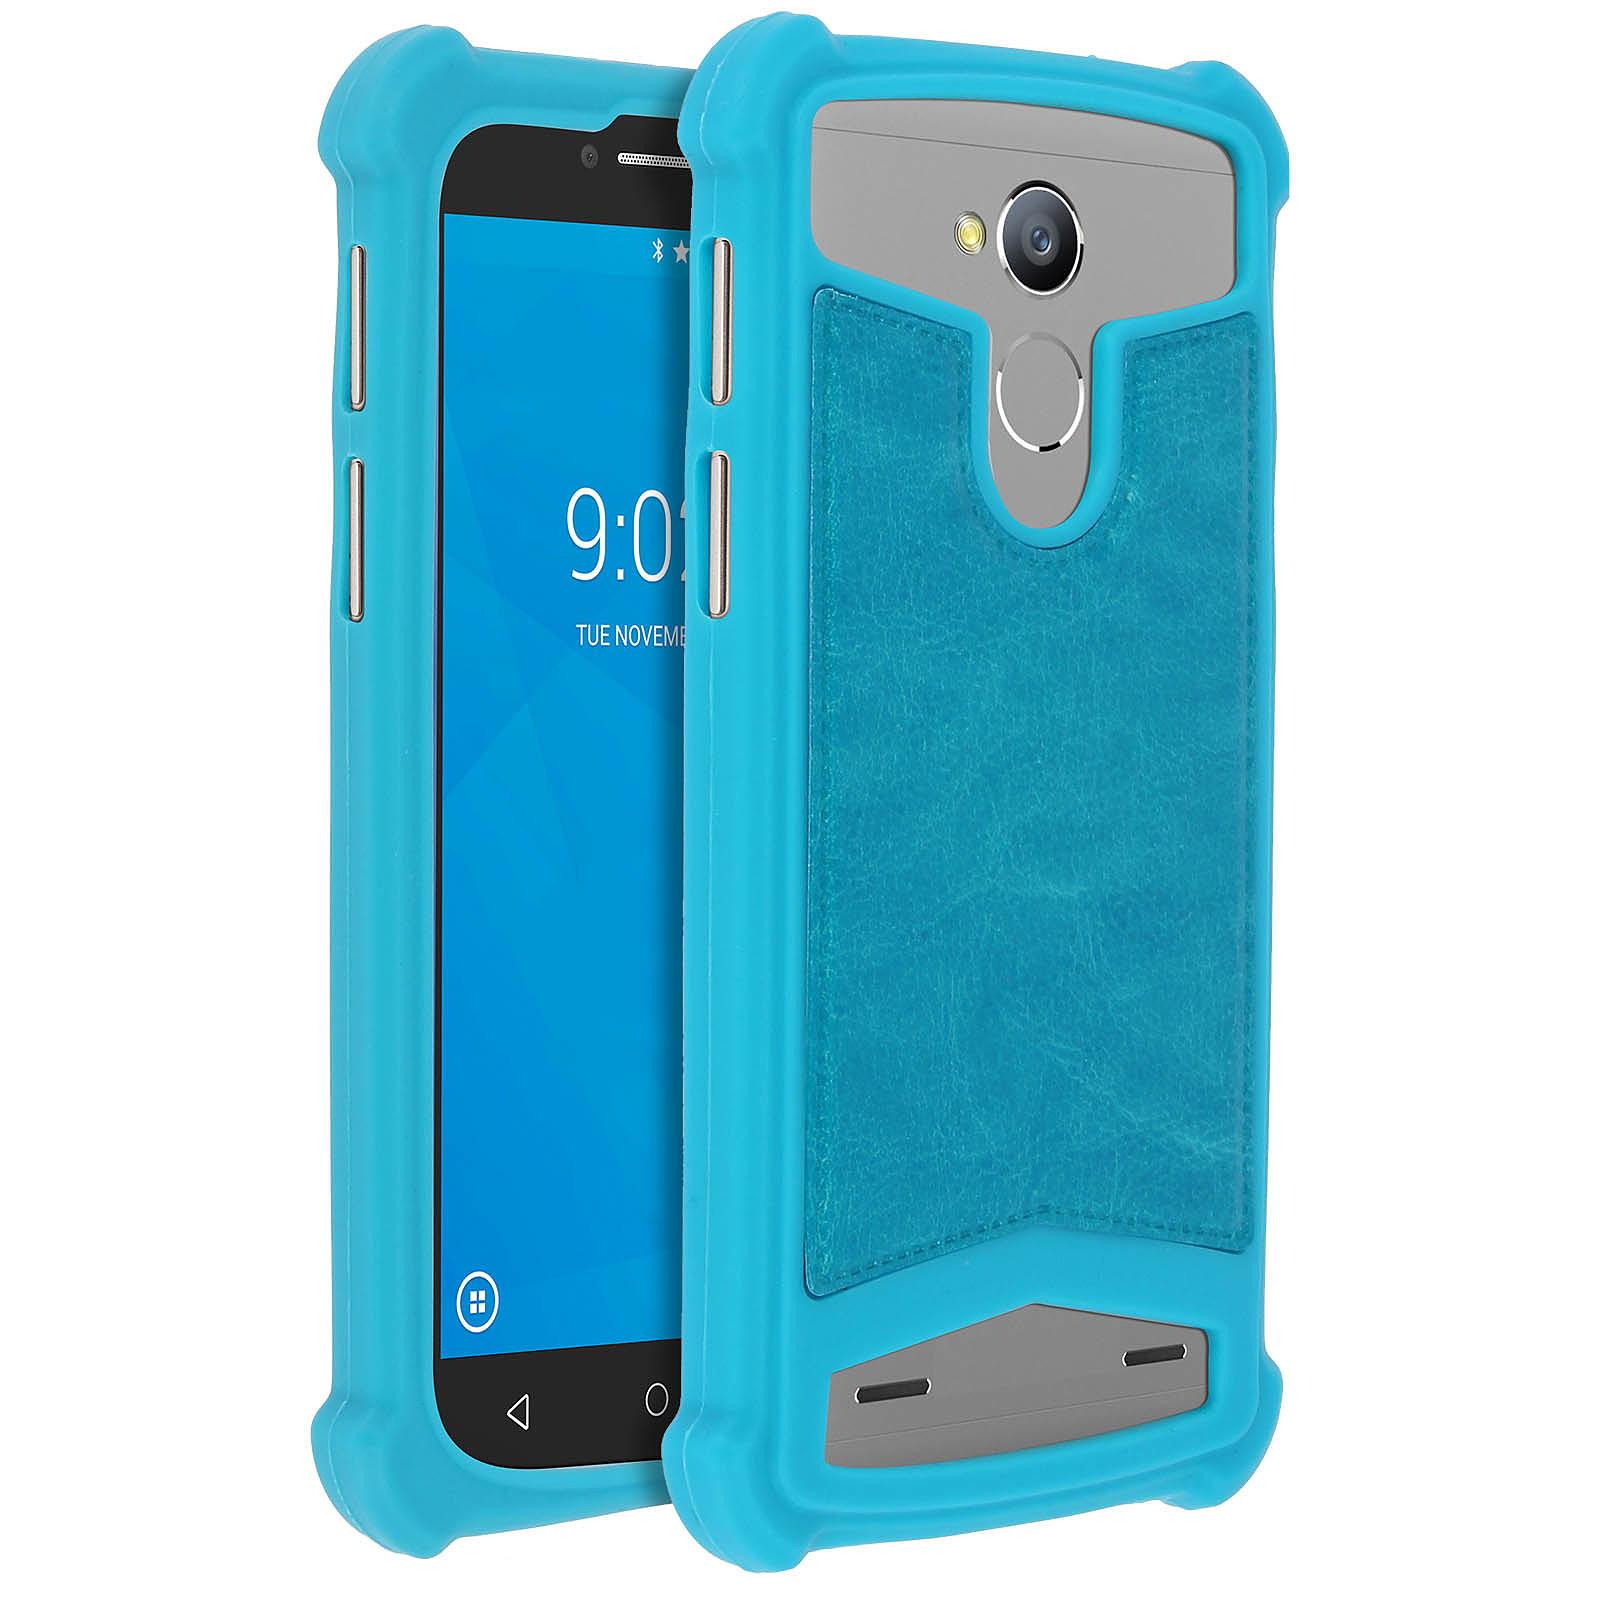 Avizar Coque Turquoise pour Smartphones de 5.0' à 5.3'